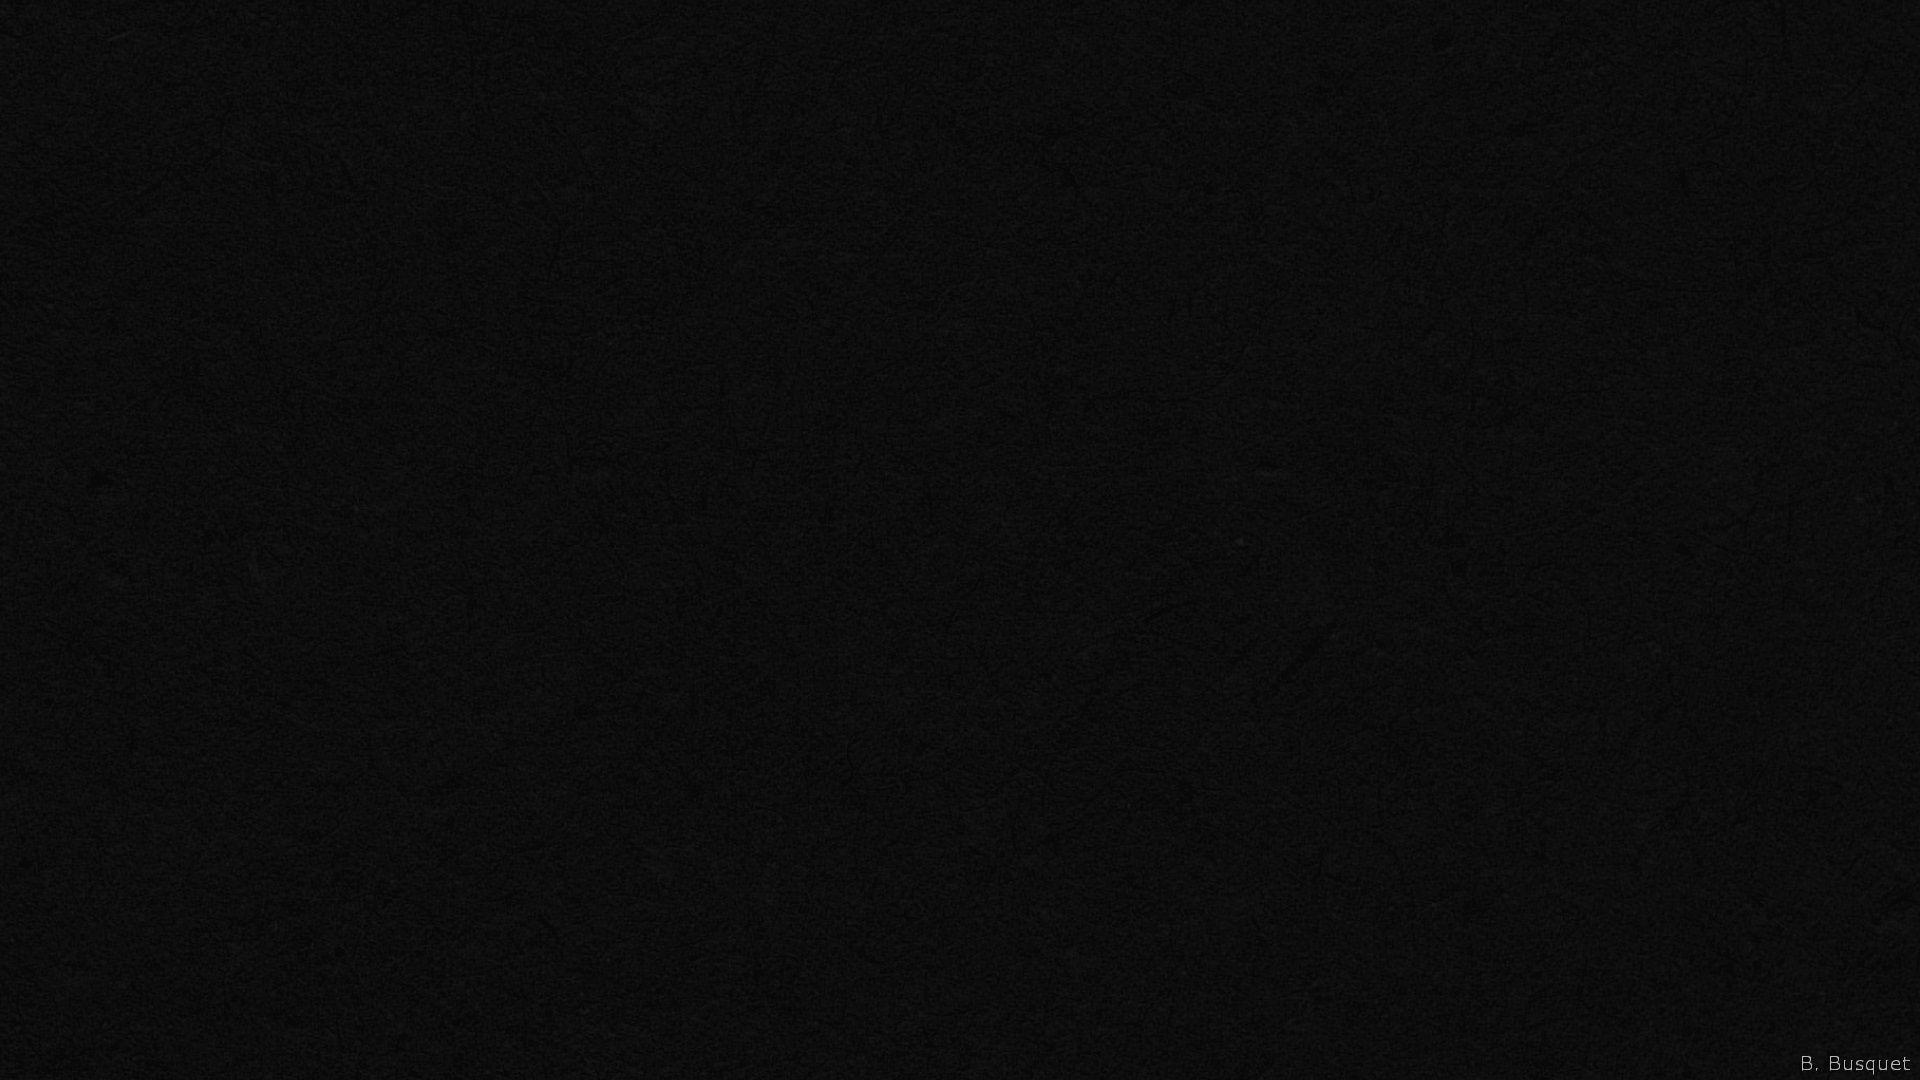 Dark Black Wallpapers HD Group × HD Wallpapers In Black | HD Wallpapers in 2019 | Logos, Black ...